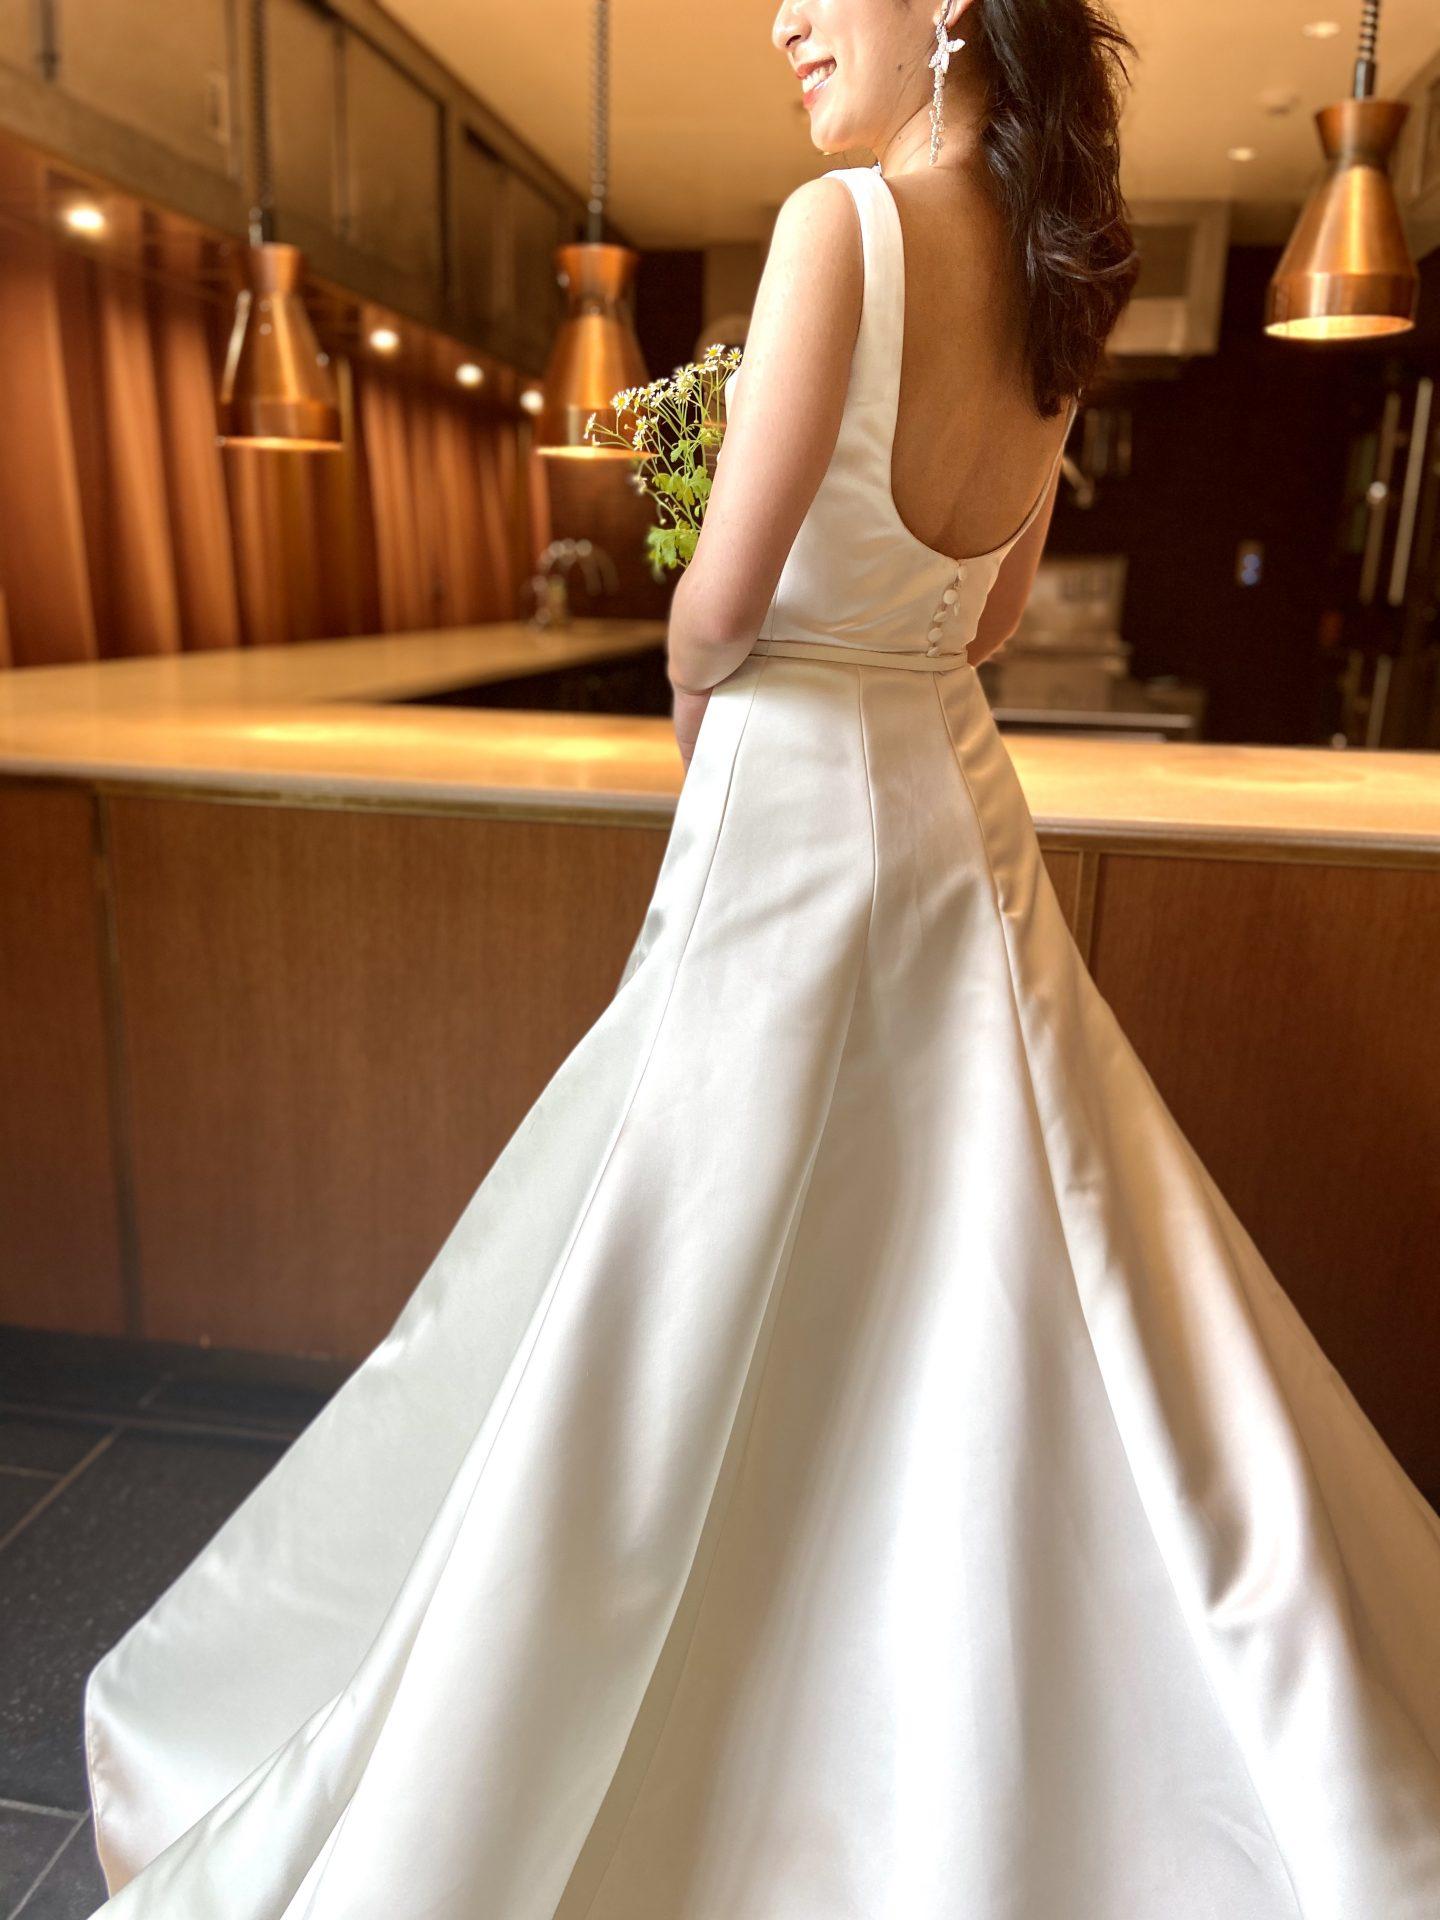 ザ・ガーデン・オリエンタル・オオサカのオリエンタルルームにおすすめのザ・トリートドレッシング大阪店のウェディングドレス